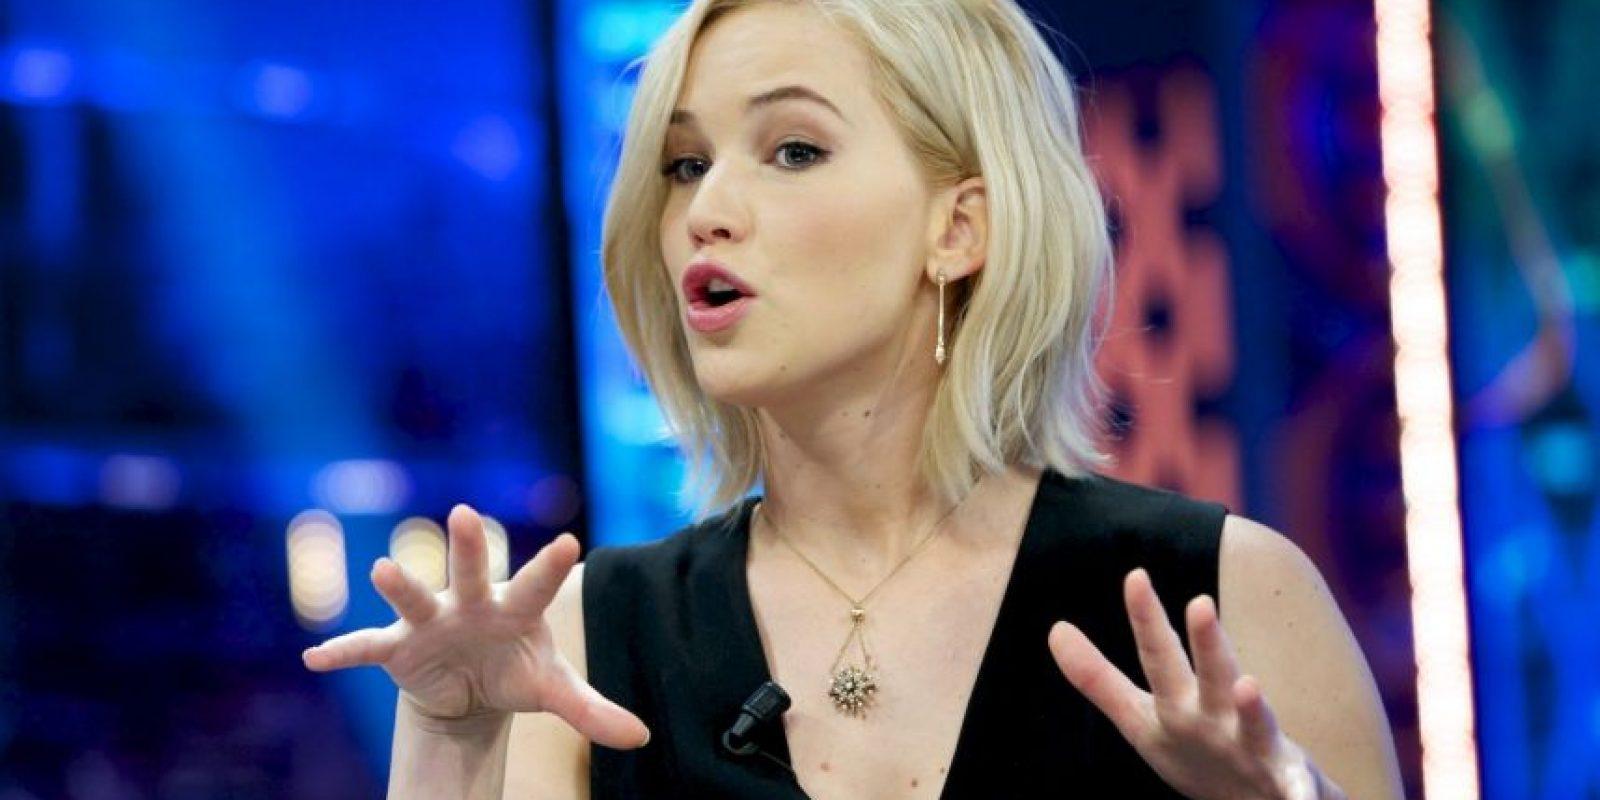 """3. Cuando era pequeña la llamaban """"Nitro"""" porque era muy hiperactiva. Foto:Getty Images"""